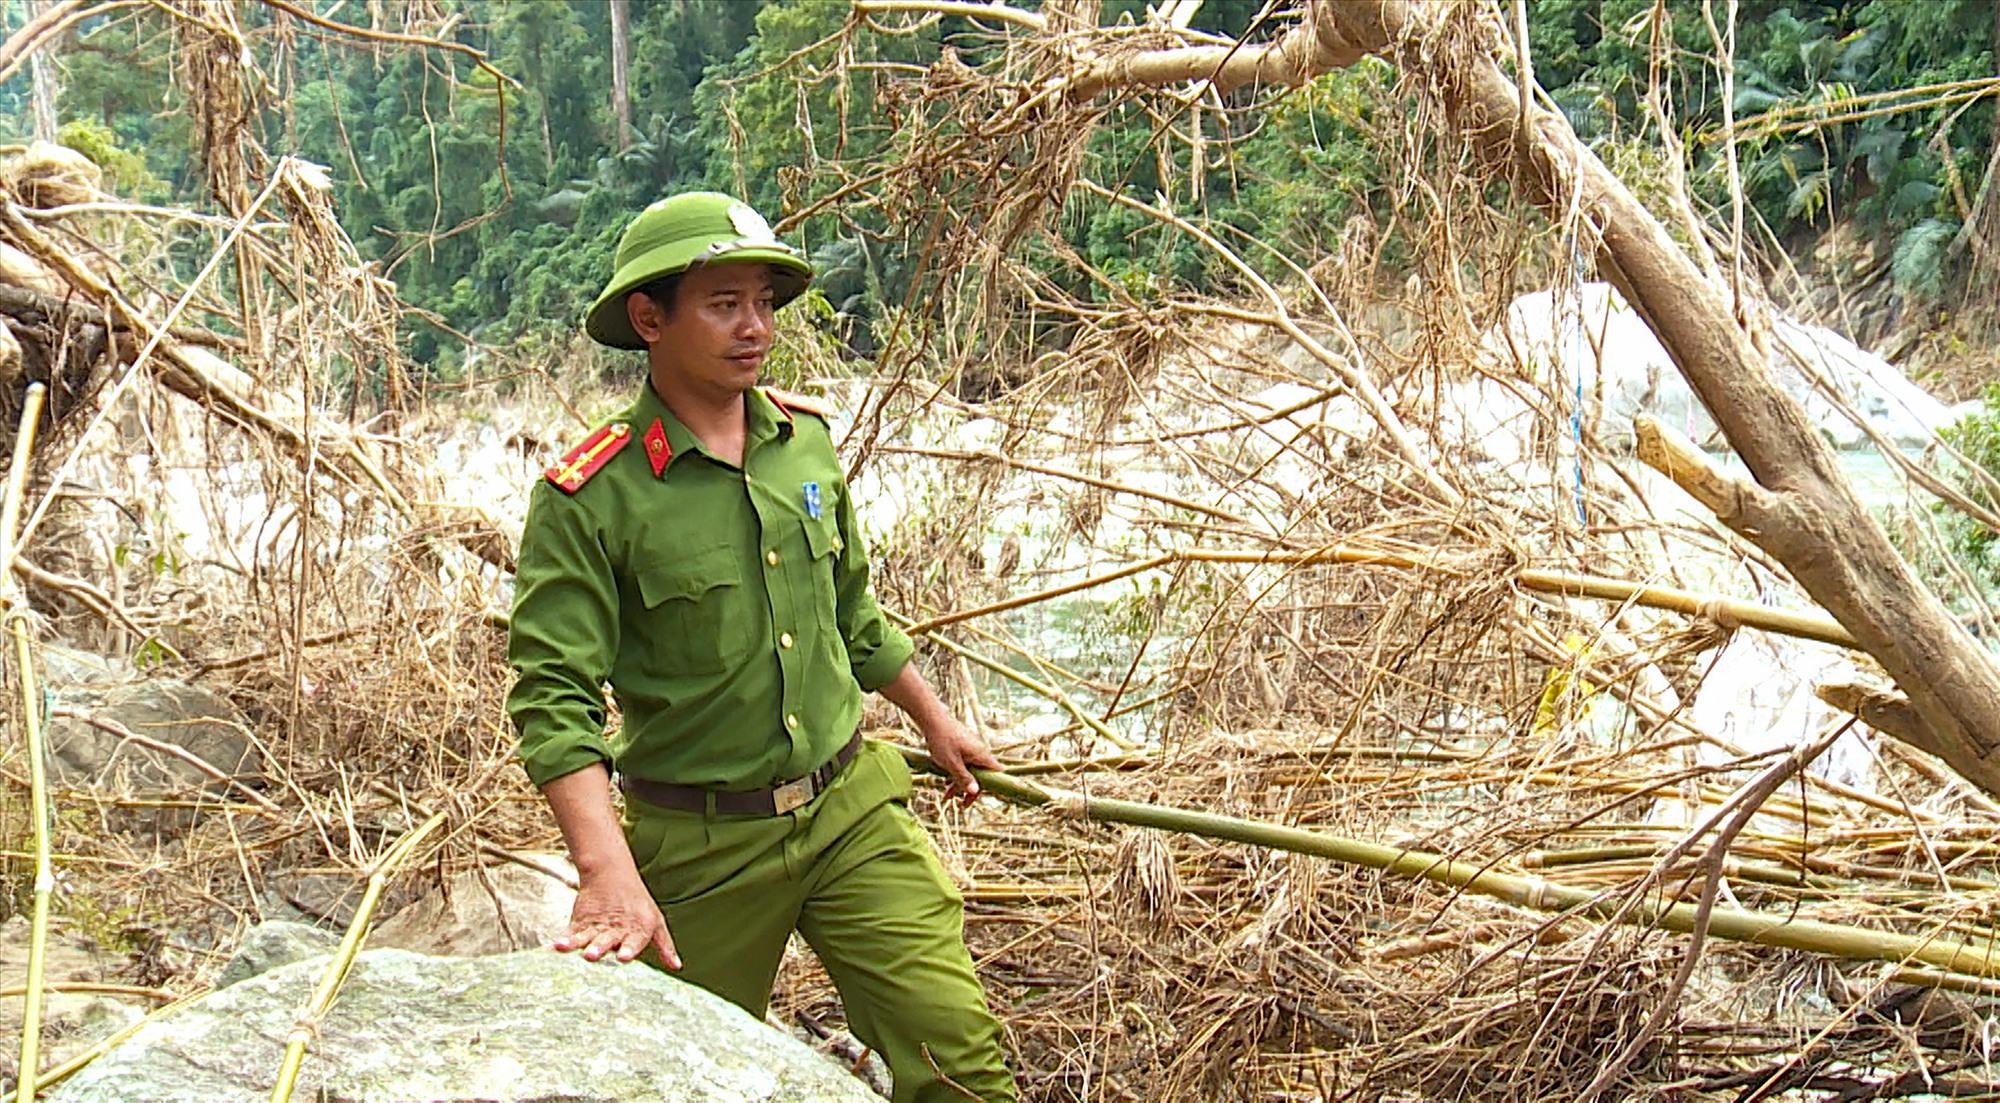 Thượng úy Lê Minh Phước - Trưởng Công an xã Trà Leng đang tìm kiếm các nạn nhân mất tích dọc theo khu vực sông Leng. Ảnh: HỒ QUÂN